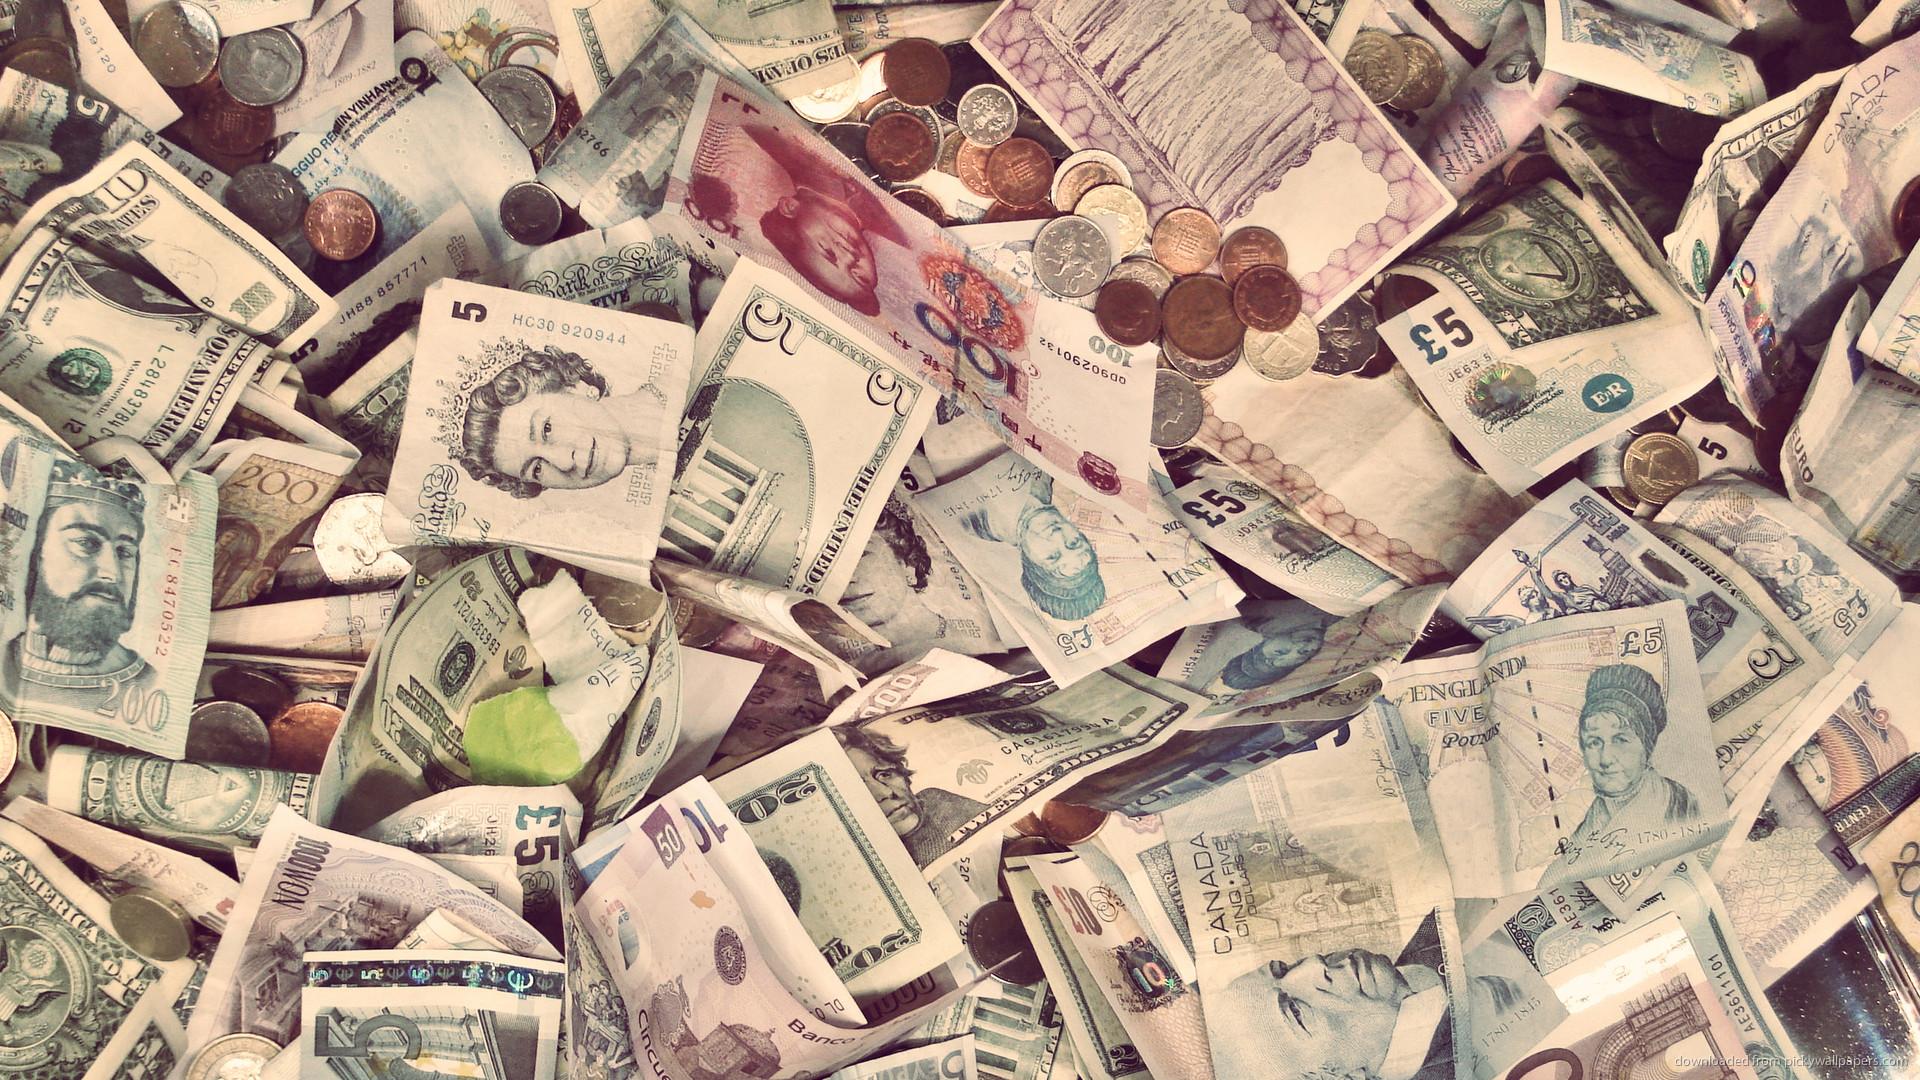 открытка с деньгами фото картинки много разных